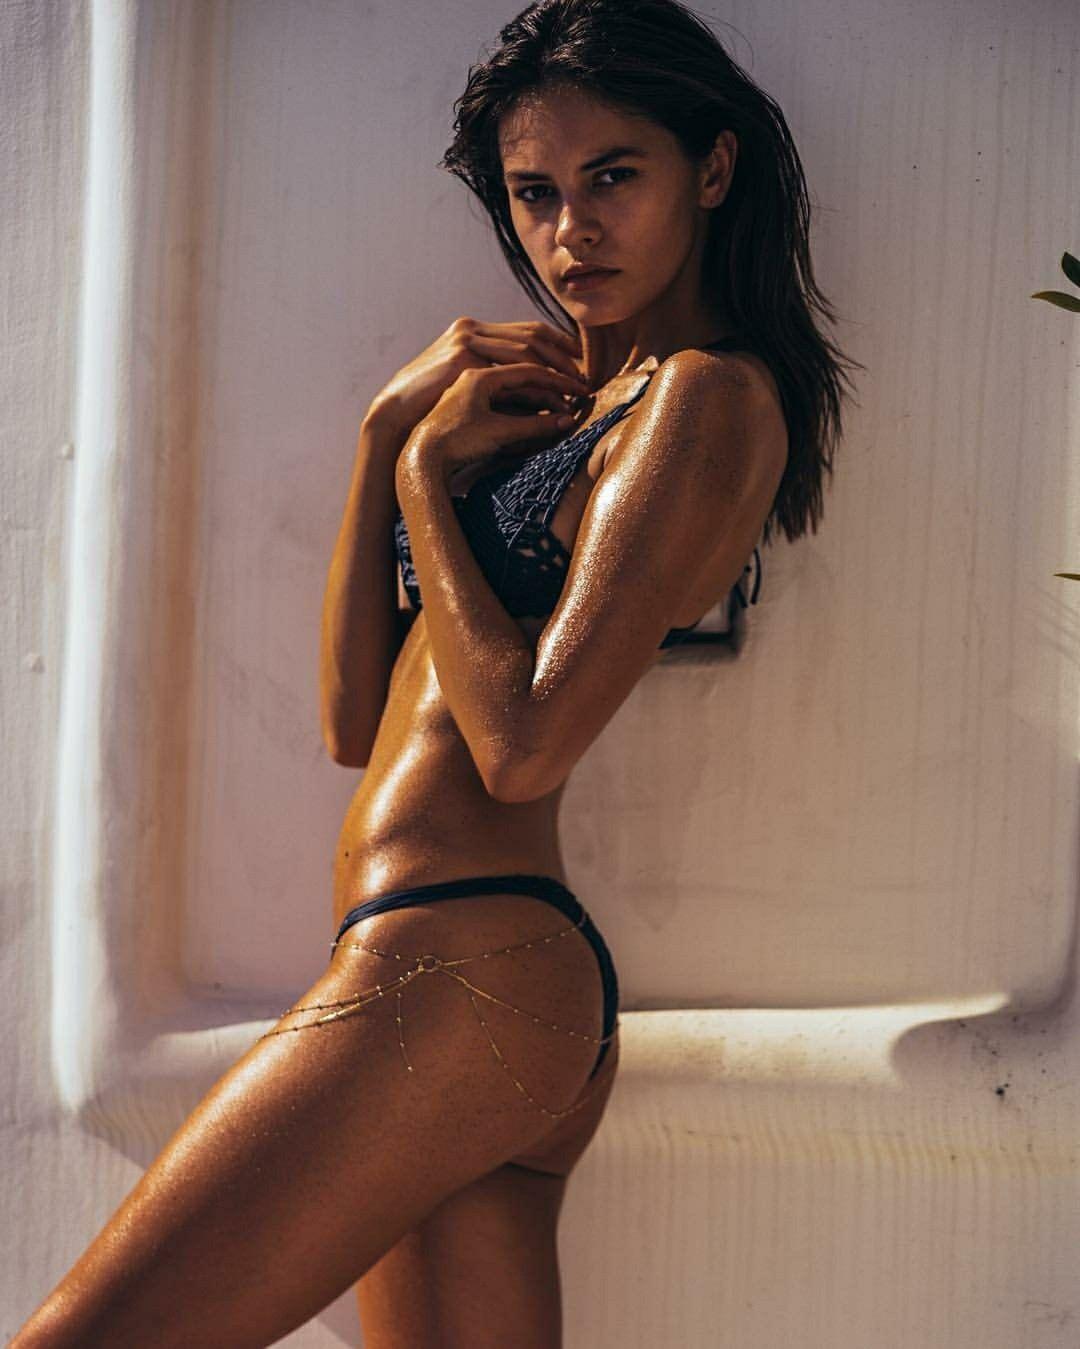 Hot Delilah Parillo nude (73 photo), Tits, Leaked, Selfie, in bikini 2015